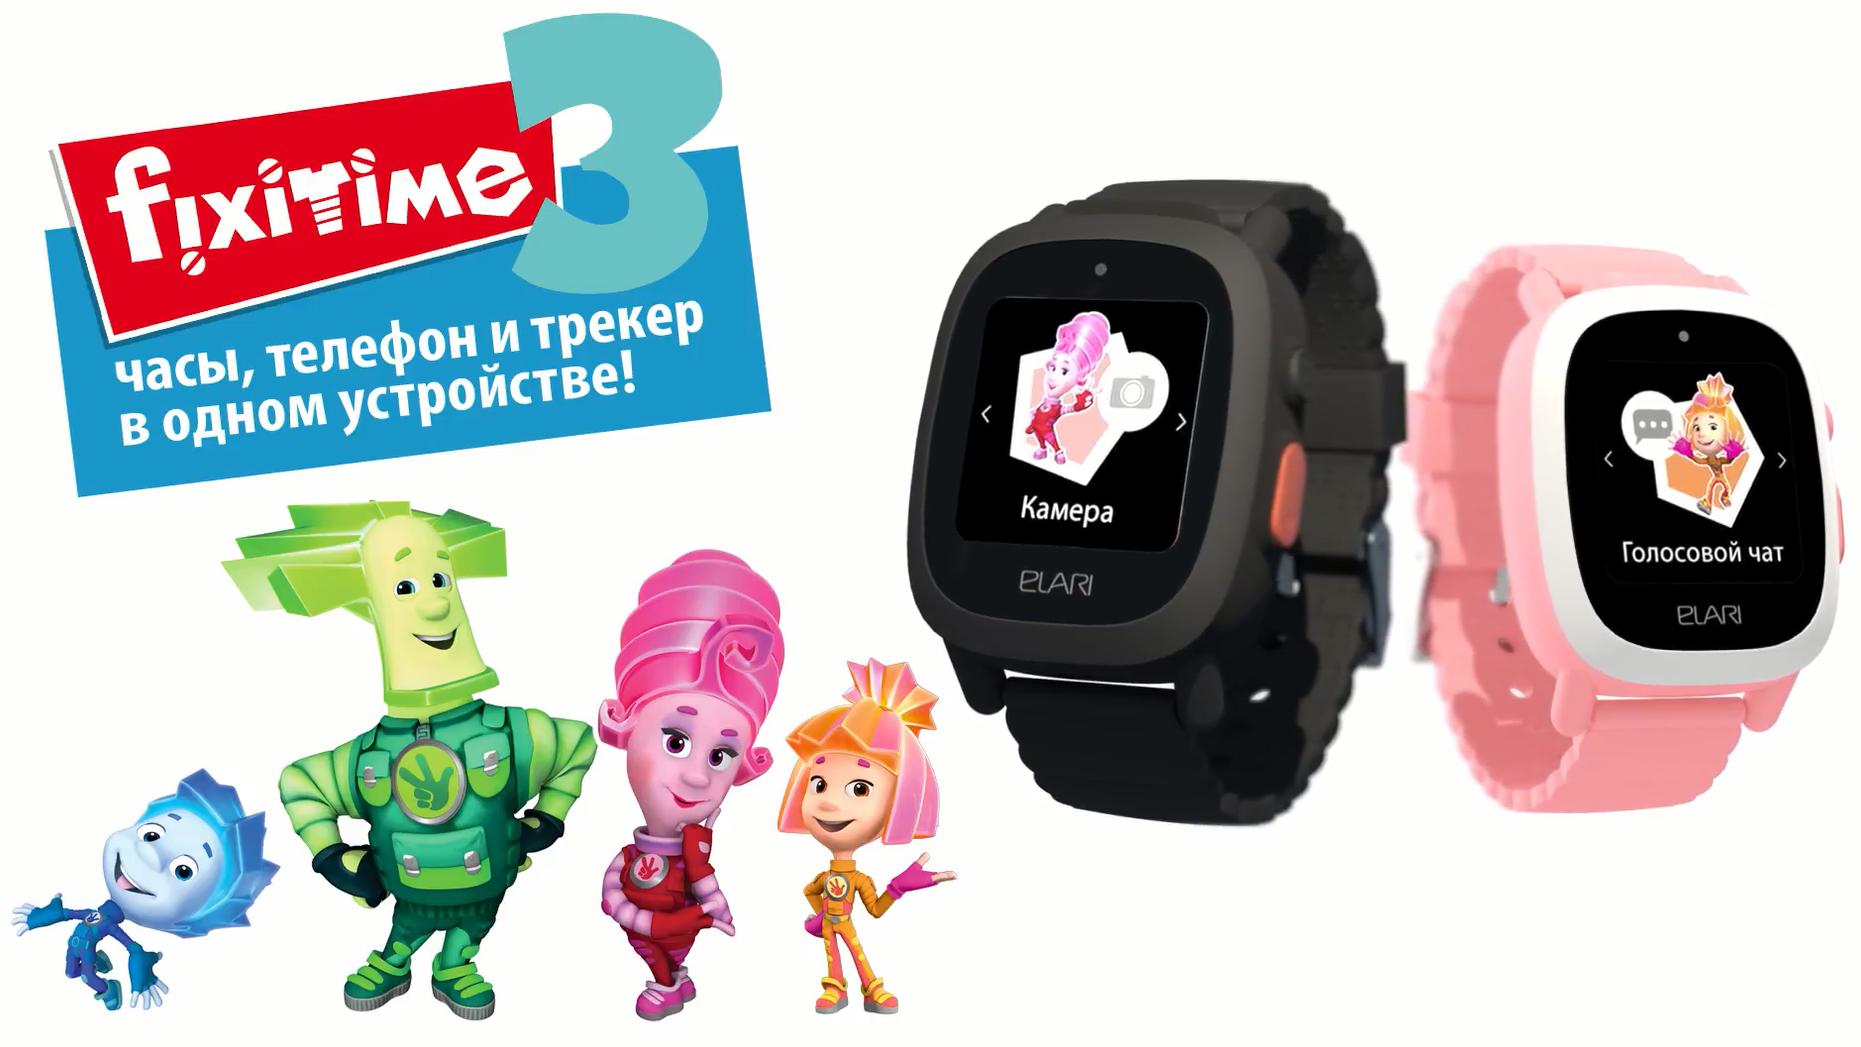 Детские смарт-часы Elari FixiTime 3: пять причин отказаться от покупки